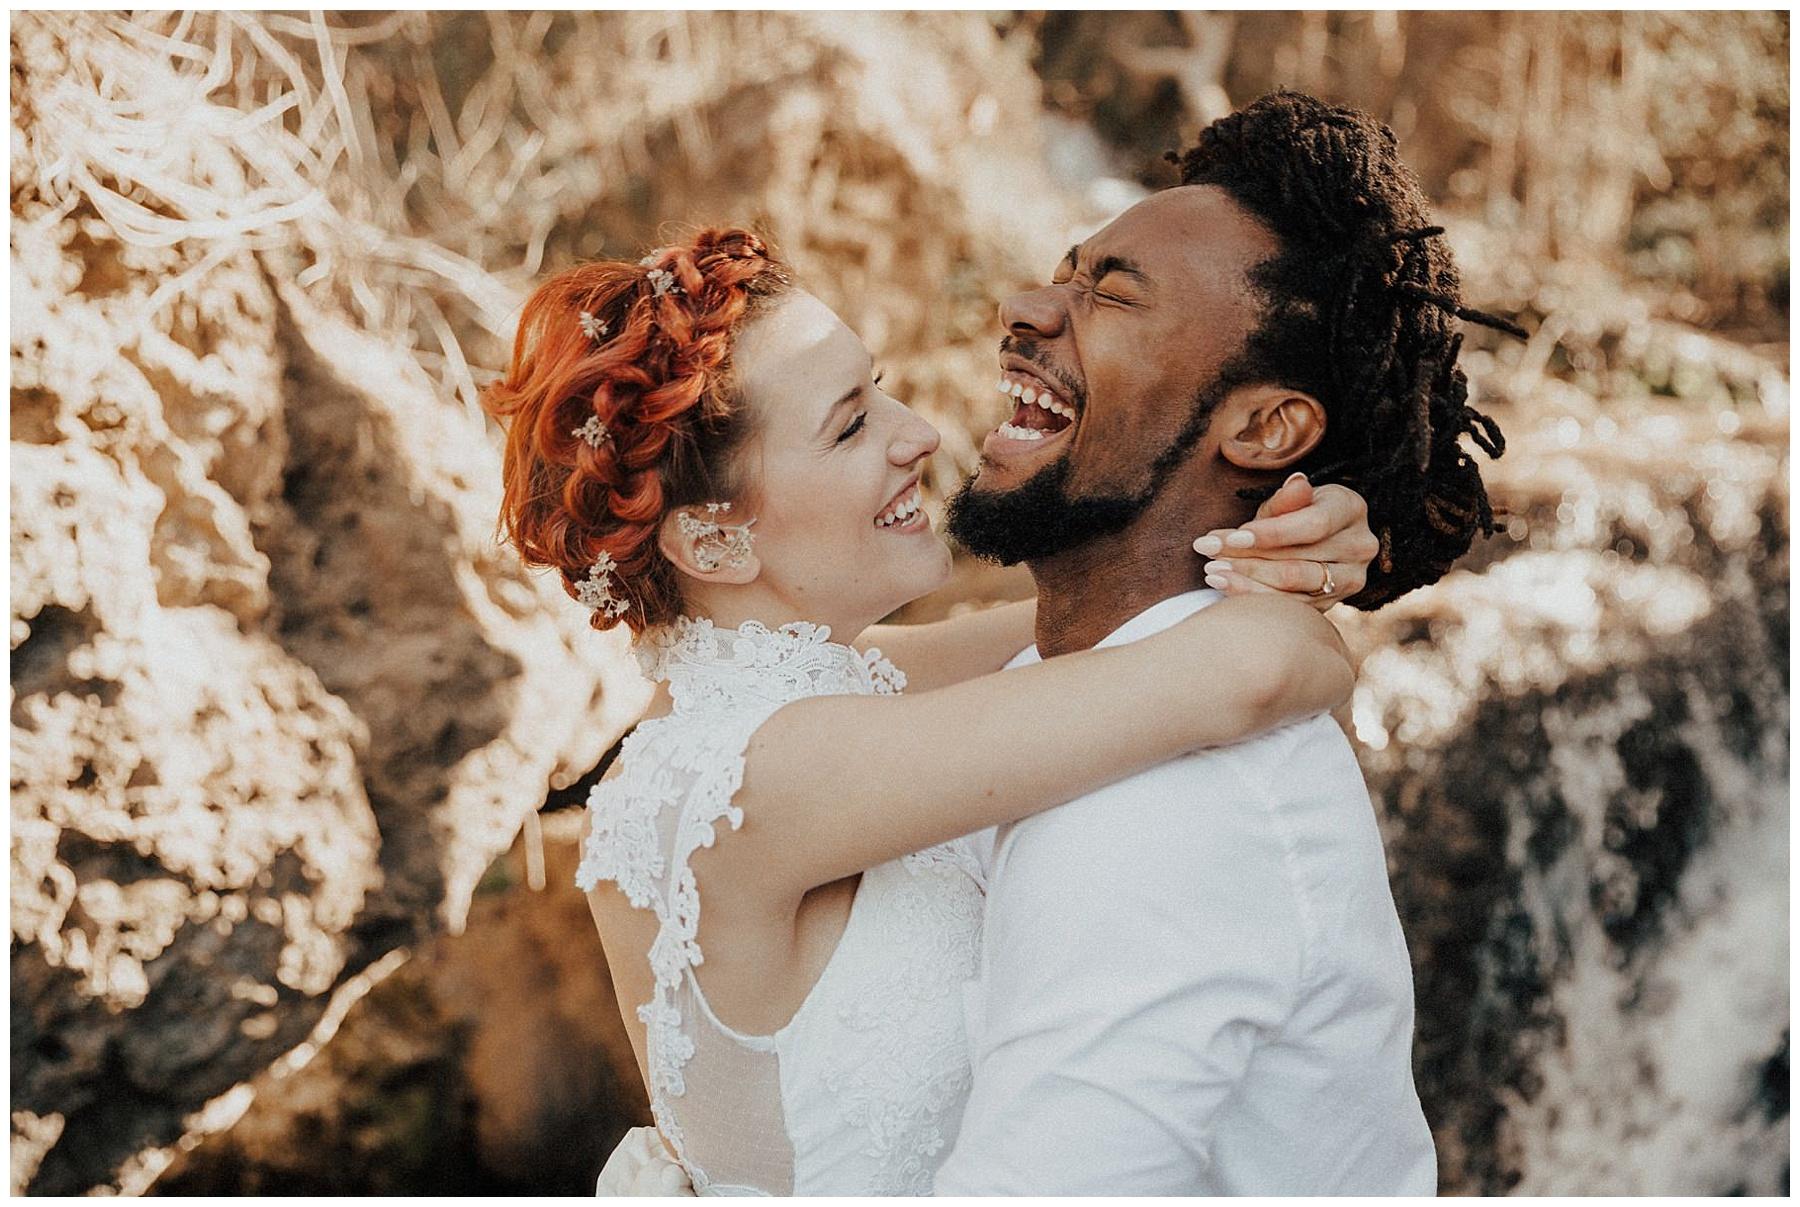 Malik + Kathryn | Texas Elopement